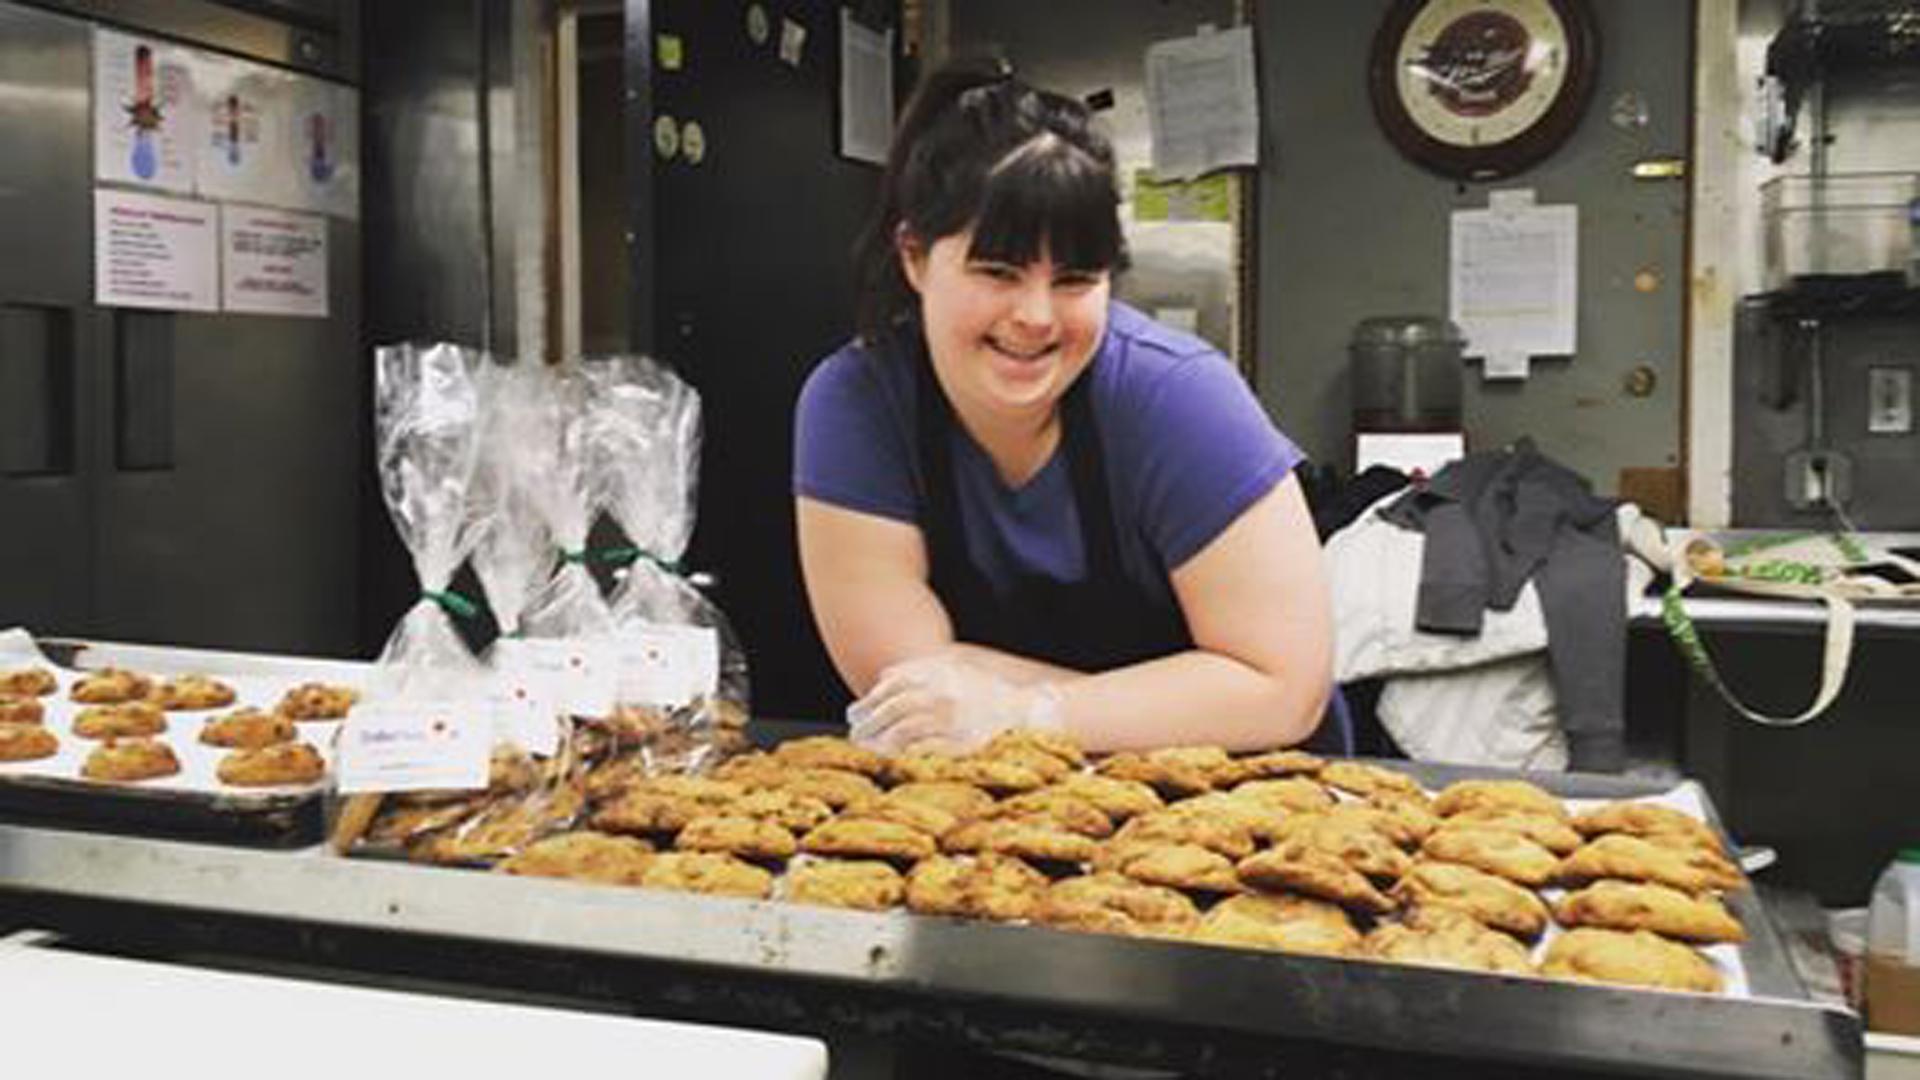 Collette, la joven que fue rechazada múltiples veces, hoy es dueña de una panadería (Facebook Colette)